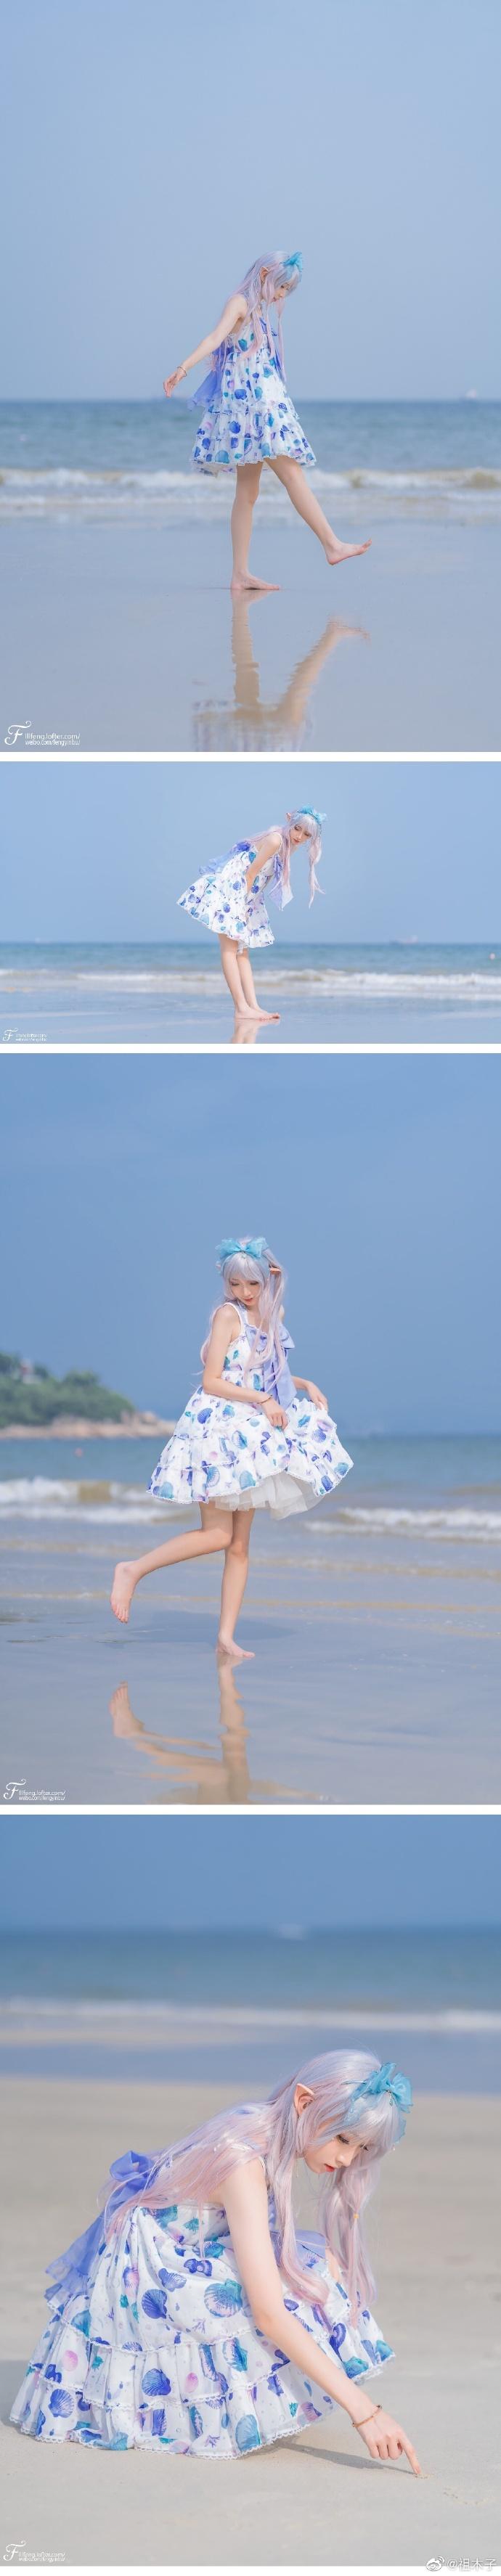 妹子图@祖木子 哪儿来的小妖精赶紧收走 妹子图 热图4